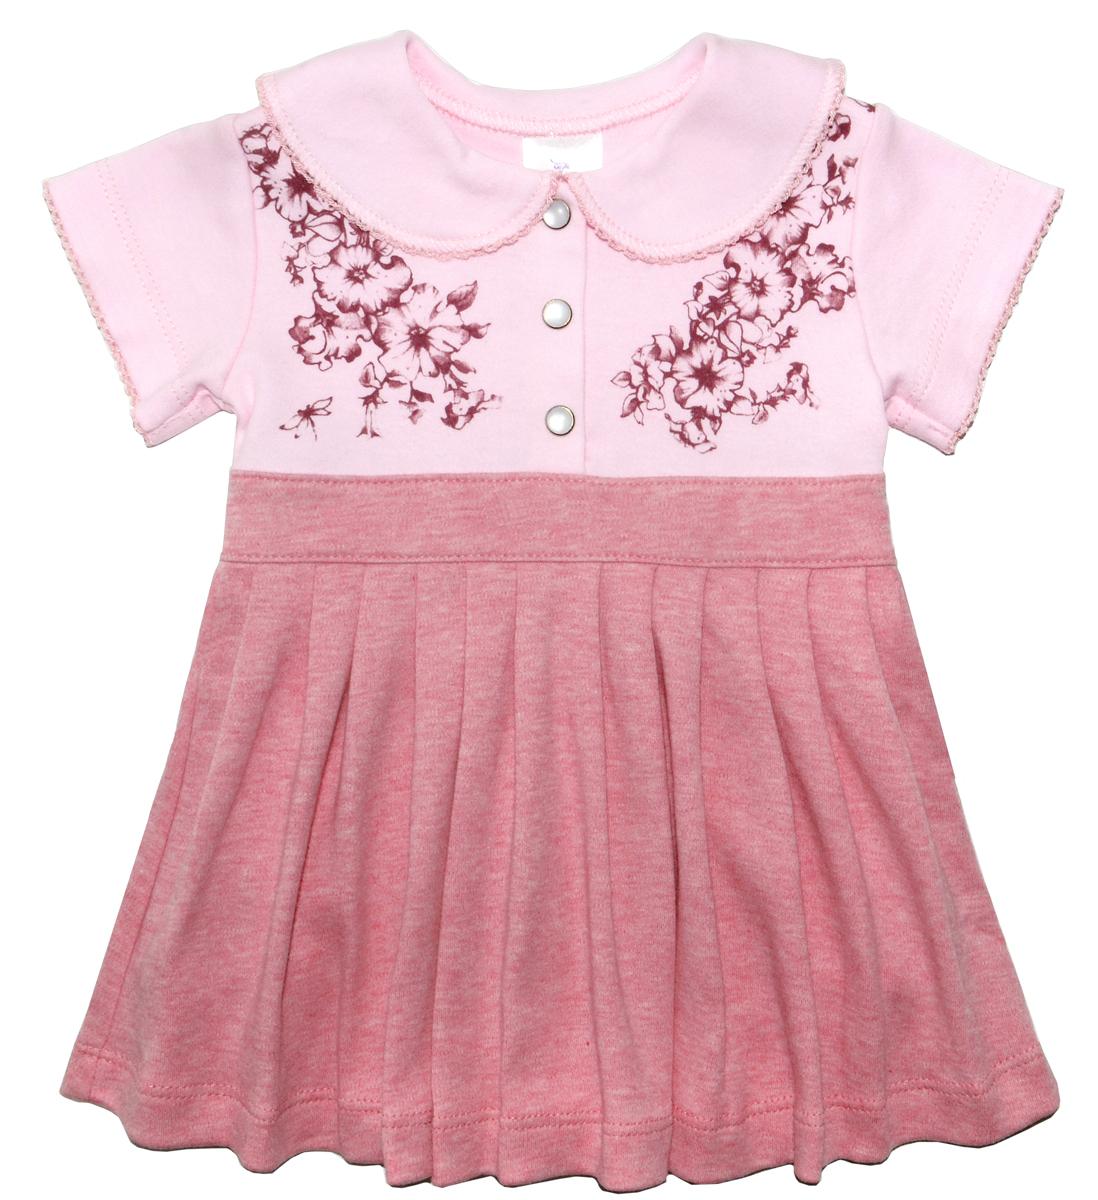 Боди-платье для девочки Мамуляндия Цветочная, цвет: розовый. 17-2403. Размер 68